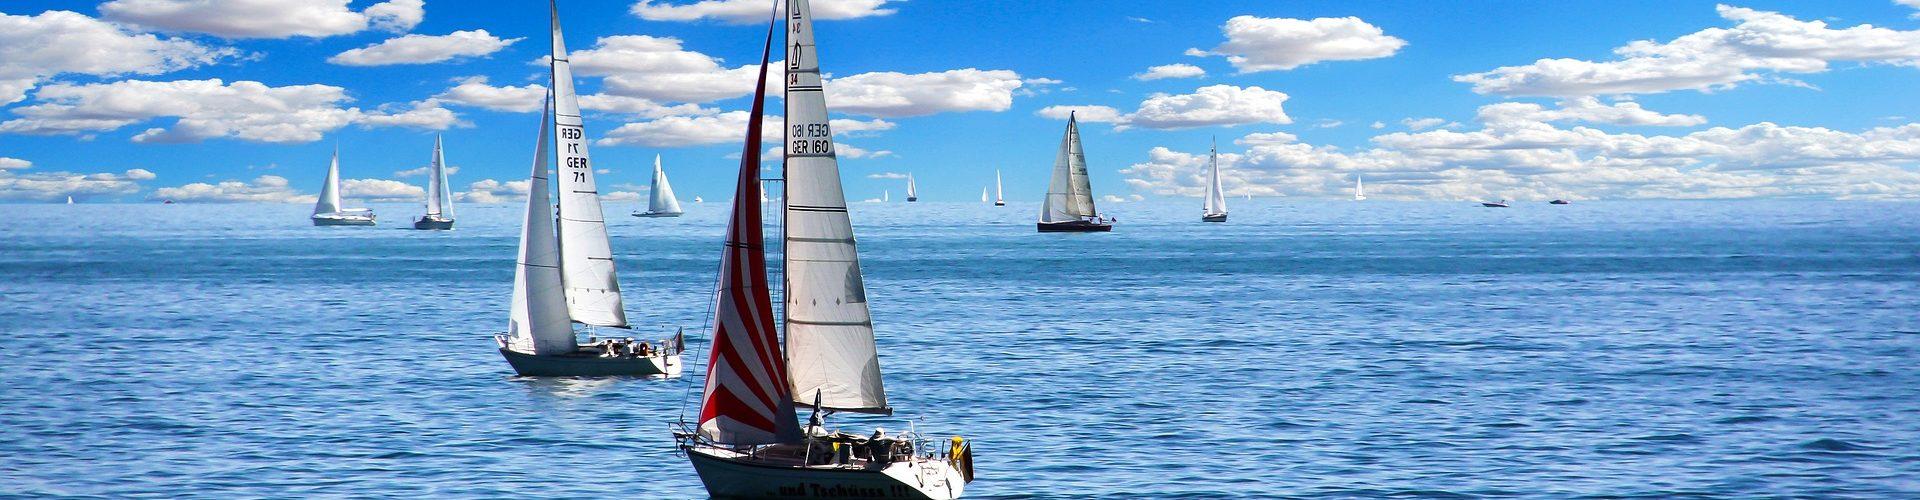 segeln lernen in Körner segelschein machen in Körner 1920x500 - Segeln lernen in Körner